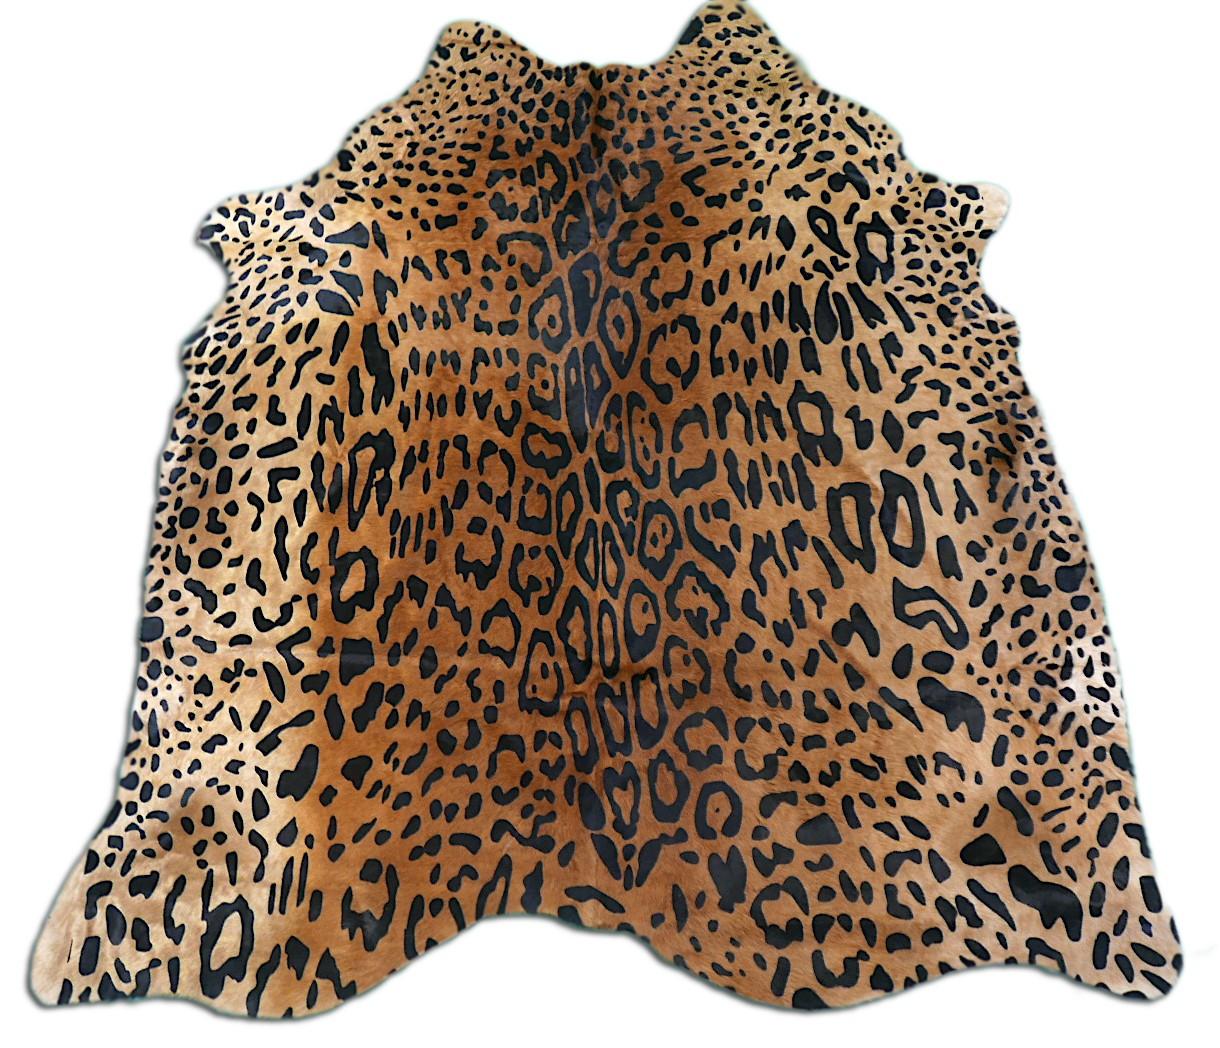 Jaguar Cowhide Rug Size: ~6' x 6' ft Jaguar  Print Cow Hide